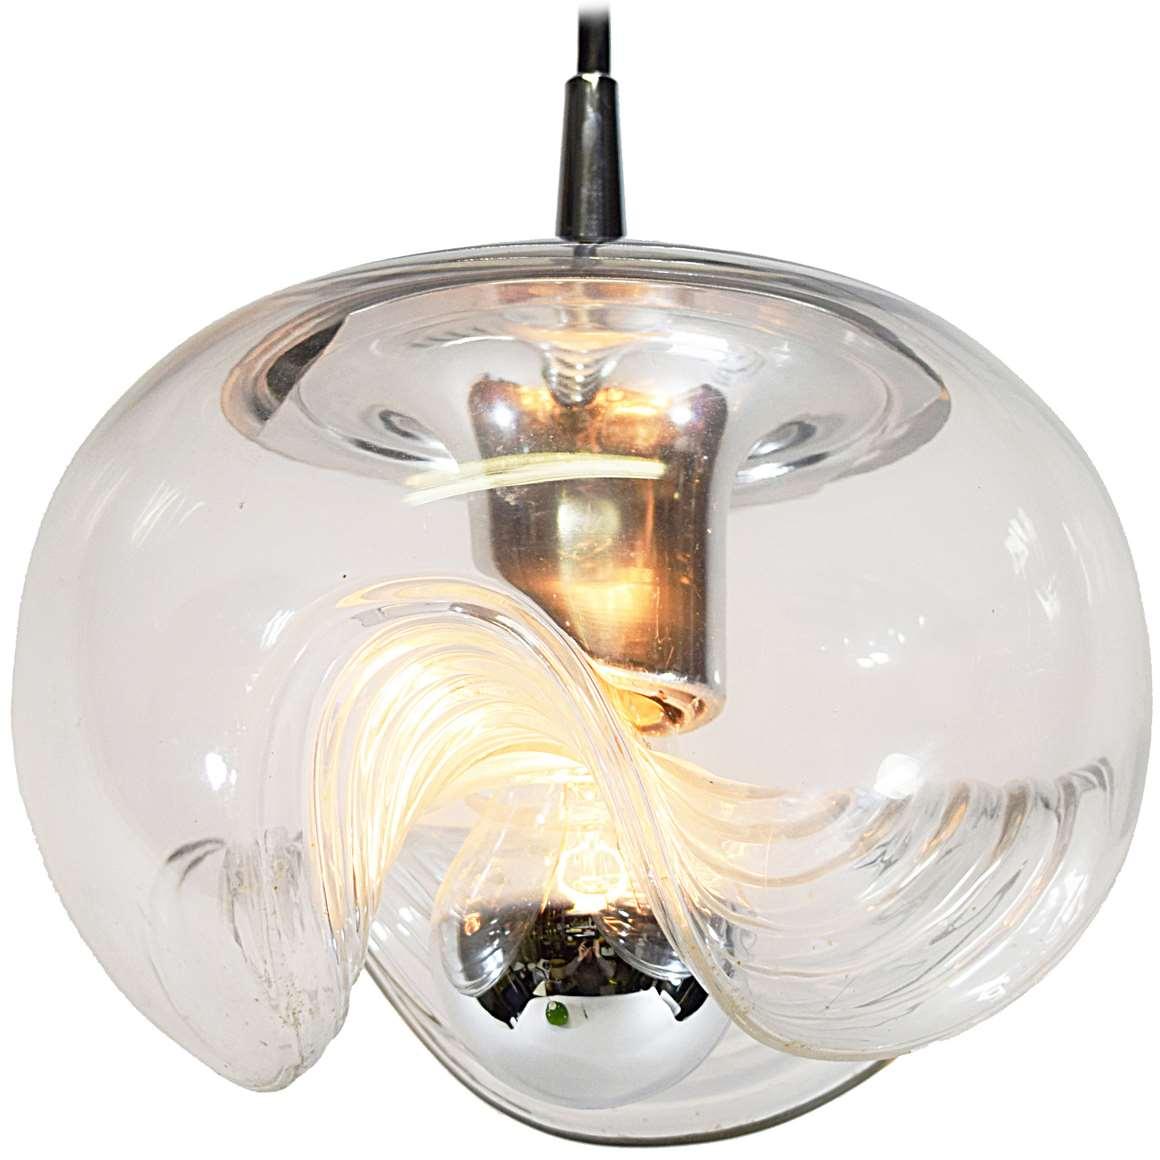 Peill + Putzler Futura Pendant Lamp